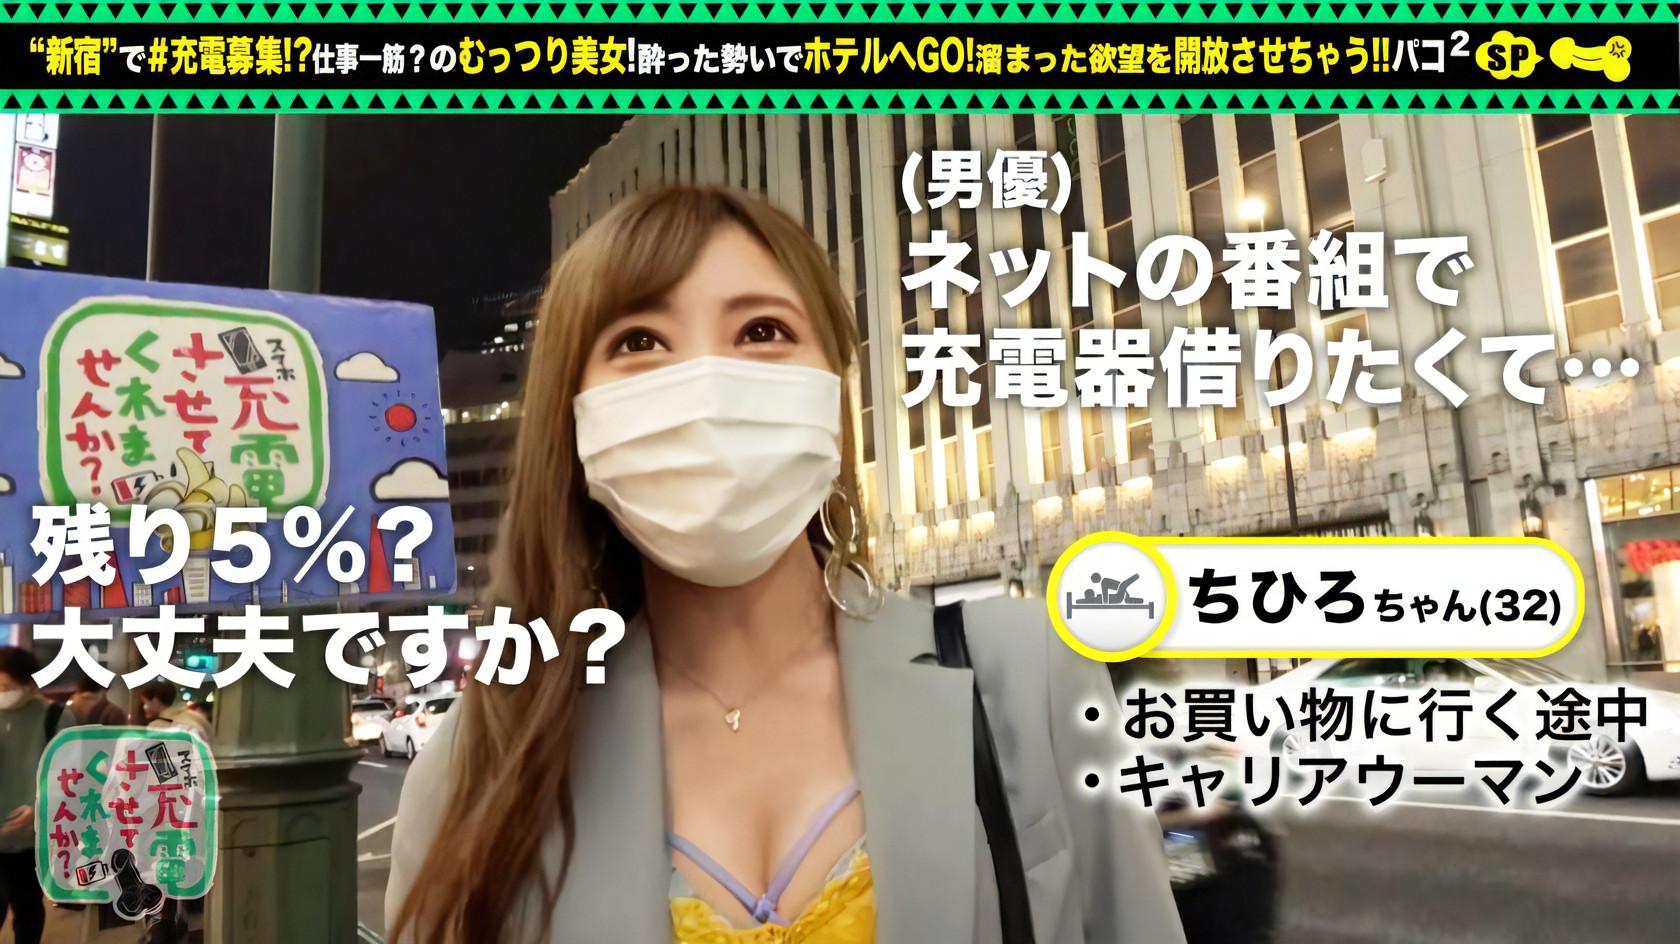 マスク女子の顔